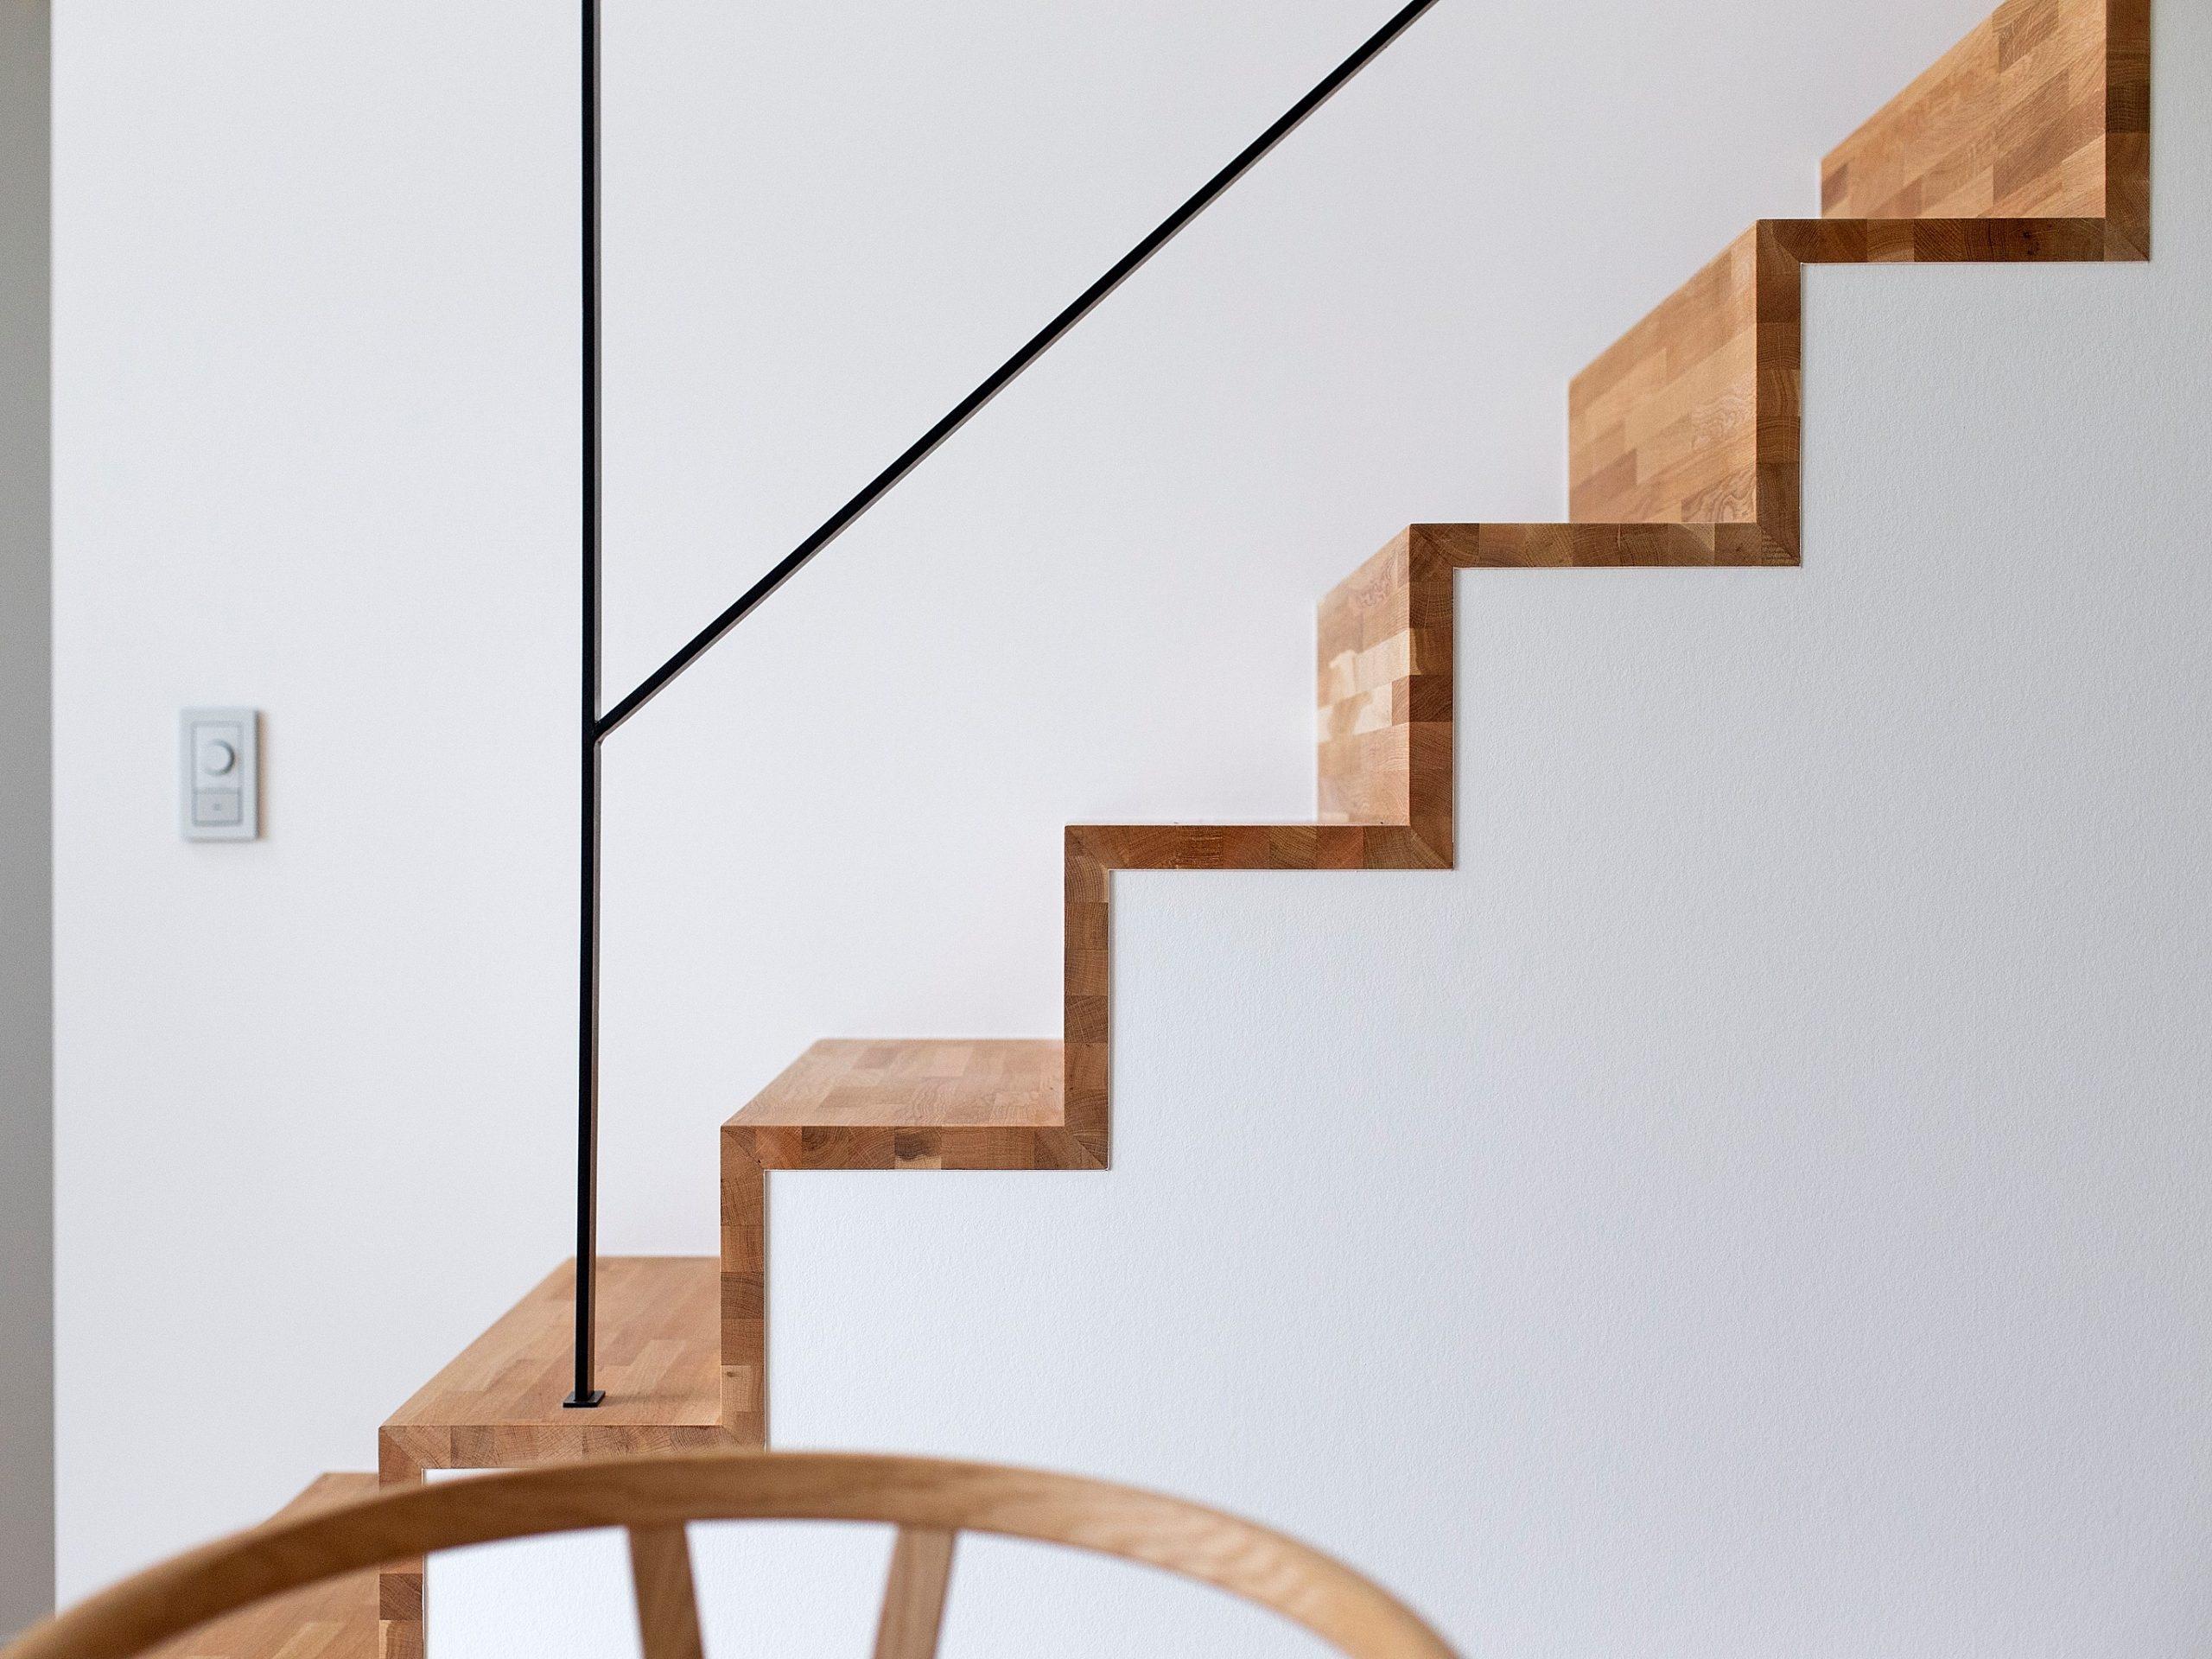 造作の階段は繊細なアイアンの手すりと魅せる段板で印象的に